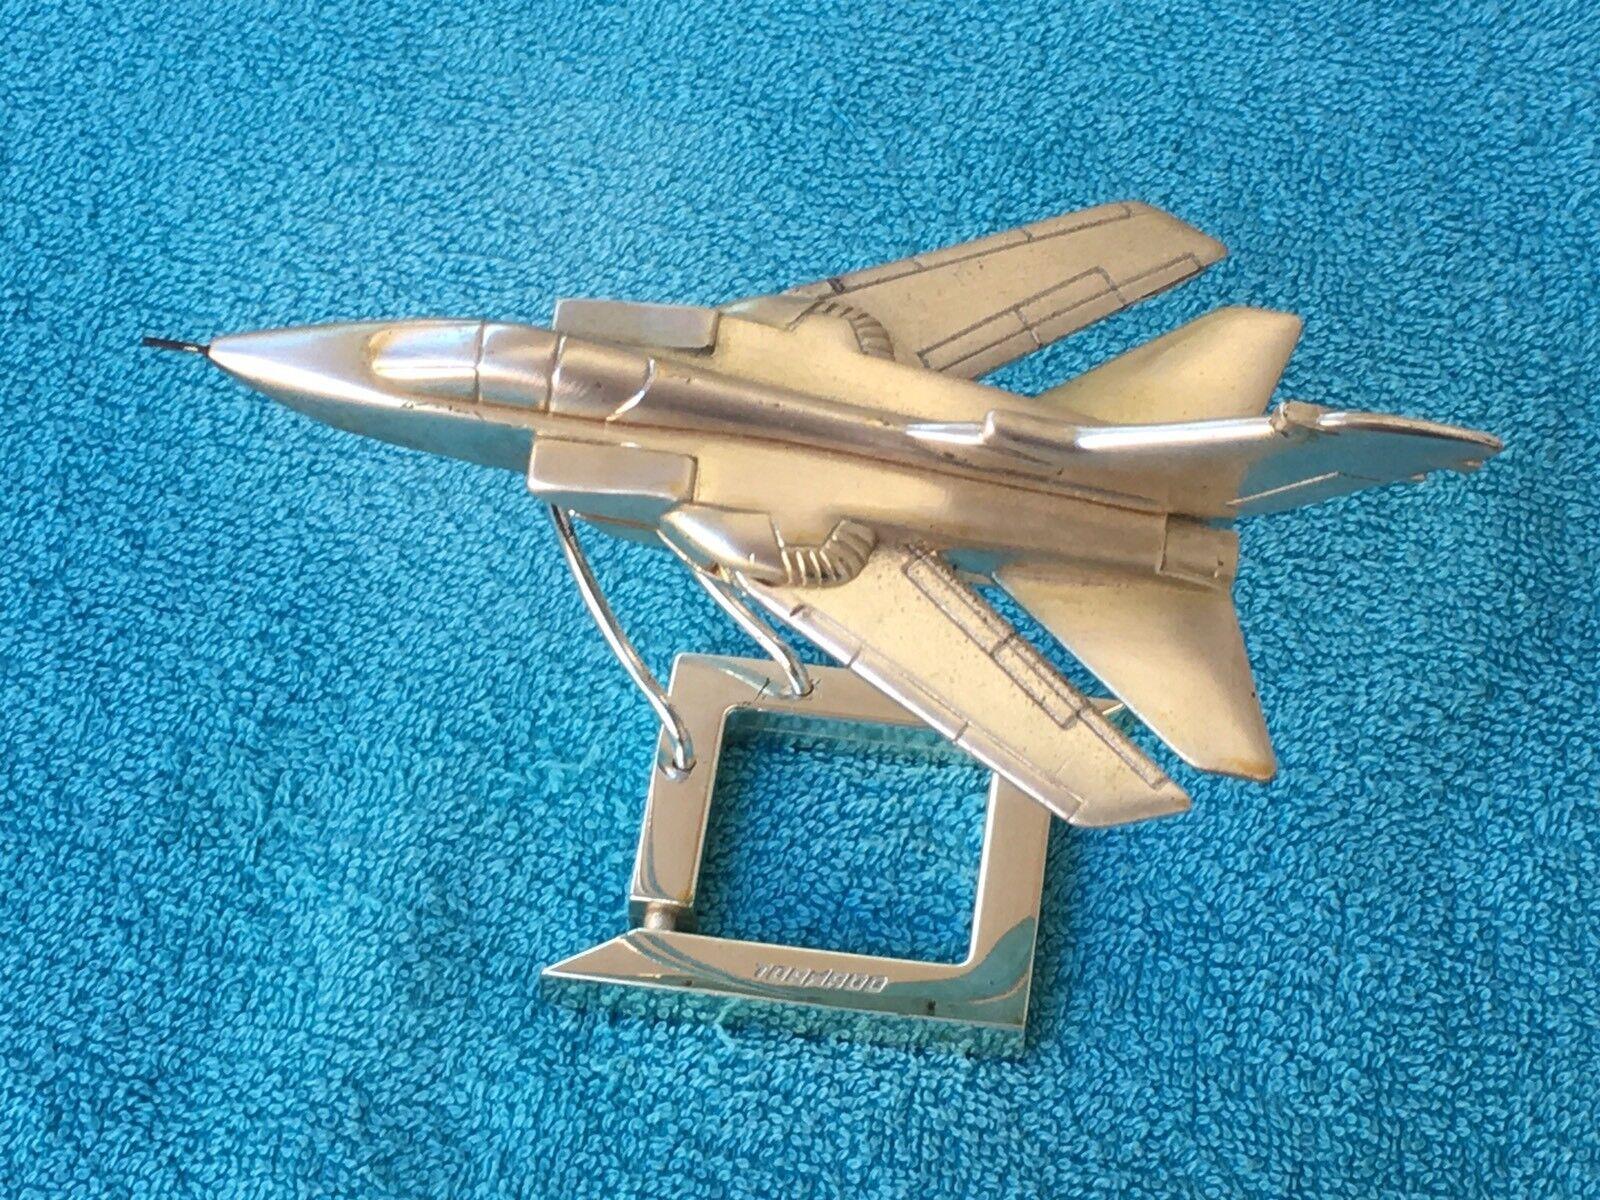 gran selección y entrega rápida PANAVIA MRCA TORNADO COLLECTOR'S AIRPLANE AIRPLANE AIRPLANE MODEL 1 100 SCALE plata PLATED  Más asequible